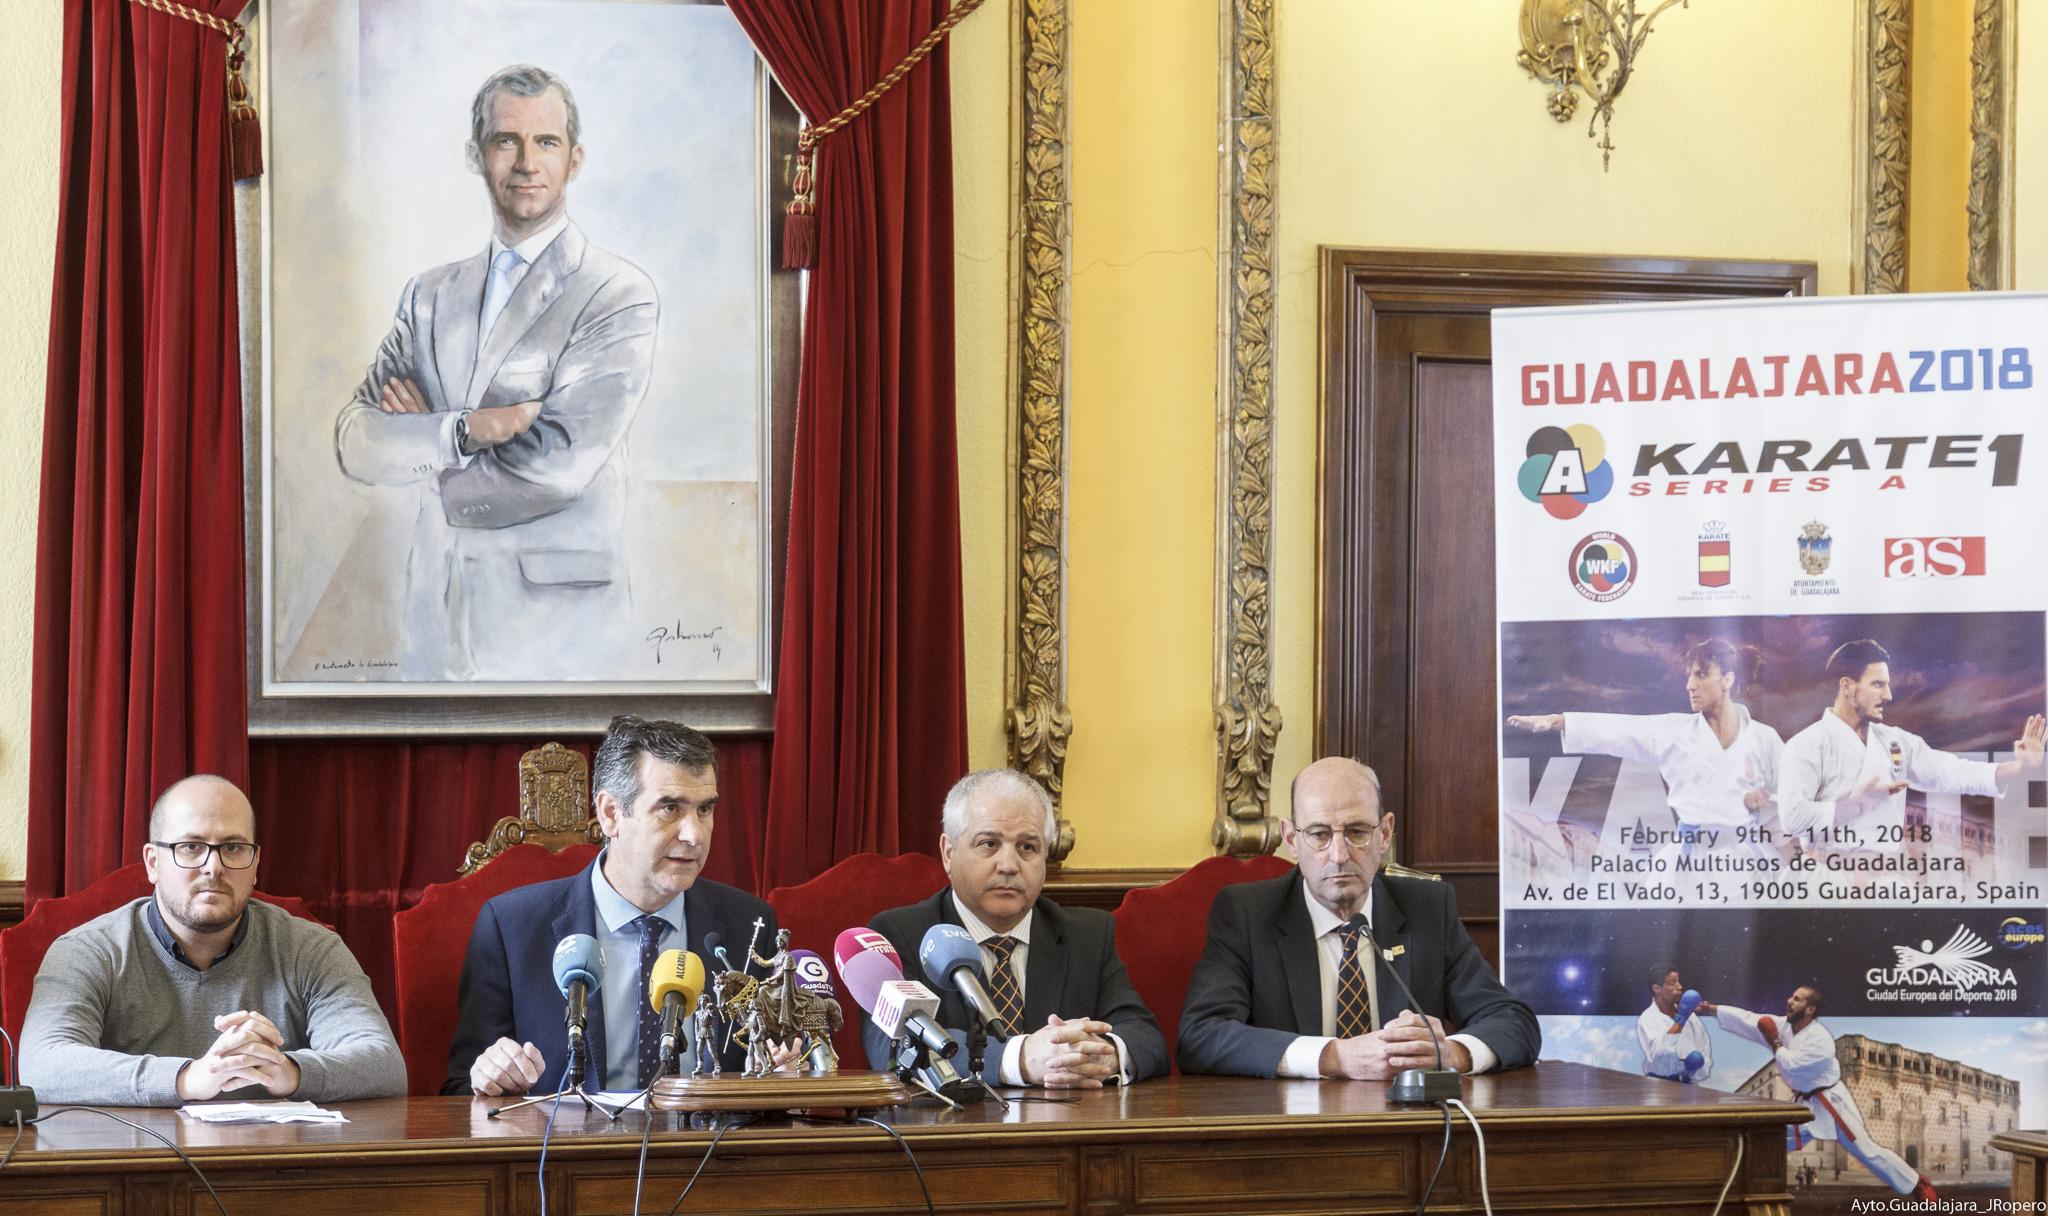 El mejor Karate del mundo llega a Guadalajara desde mañana viernes